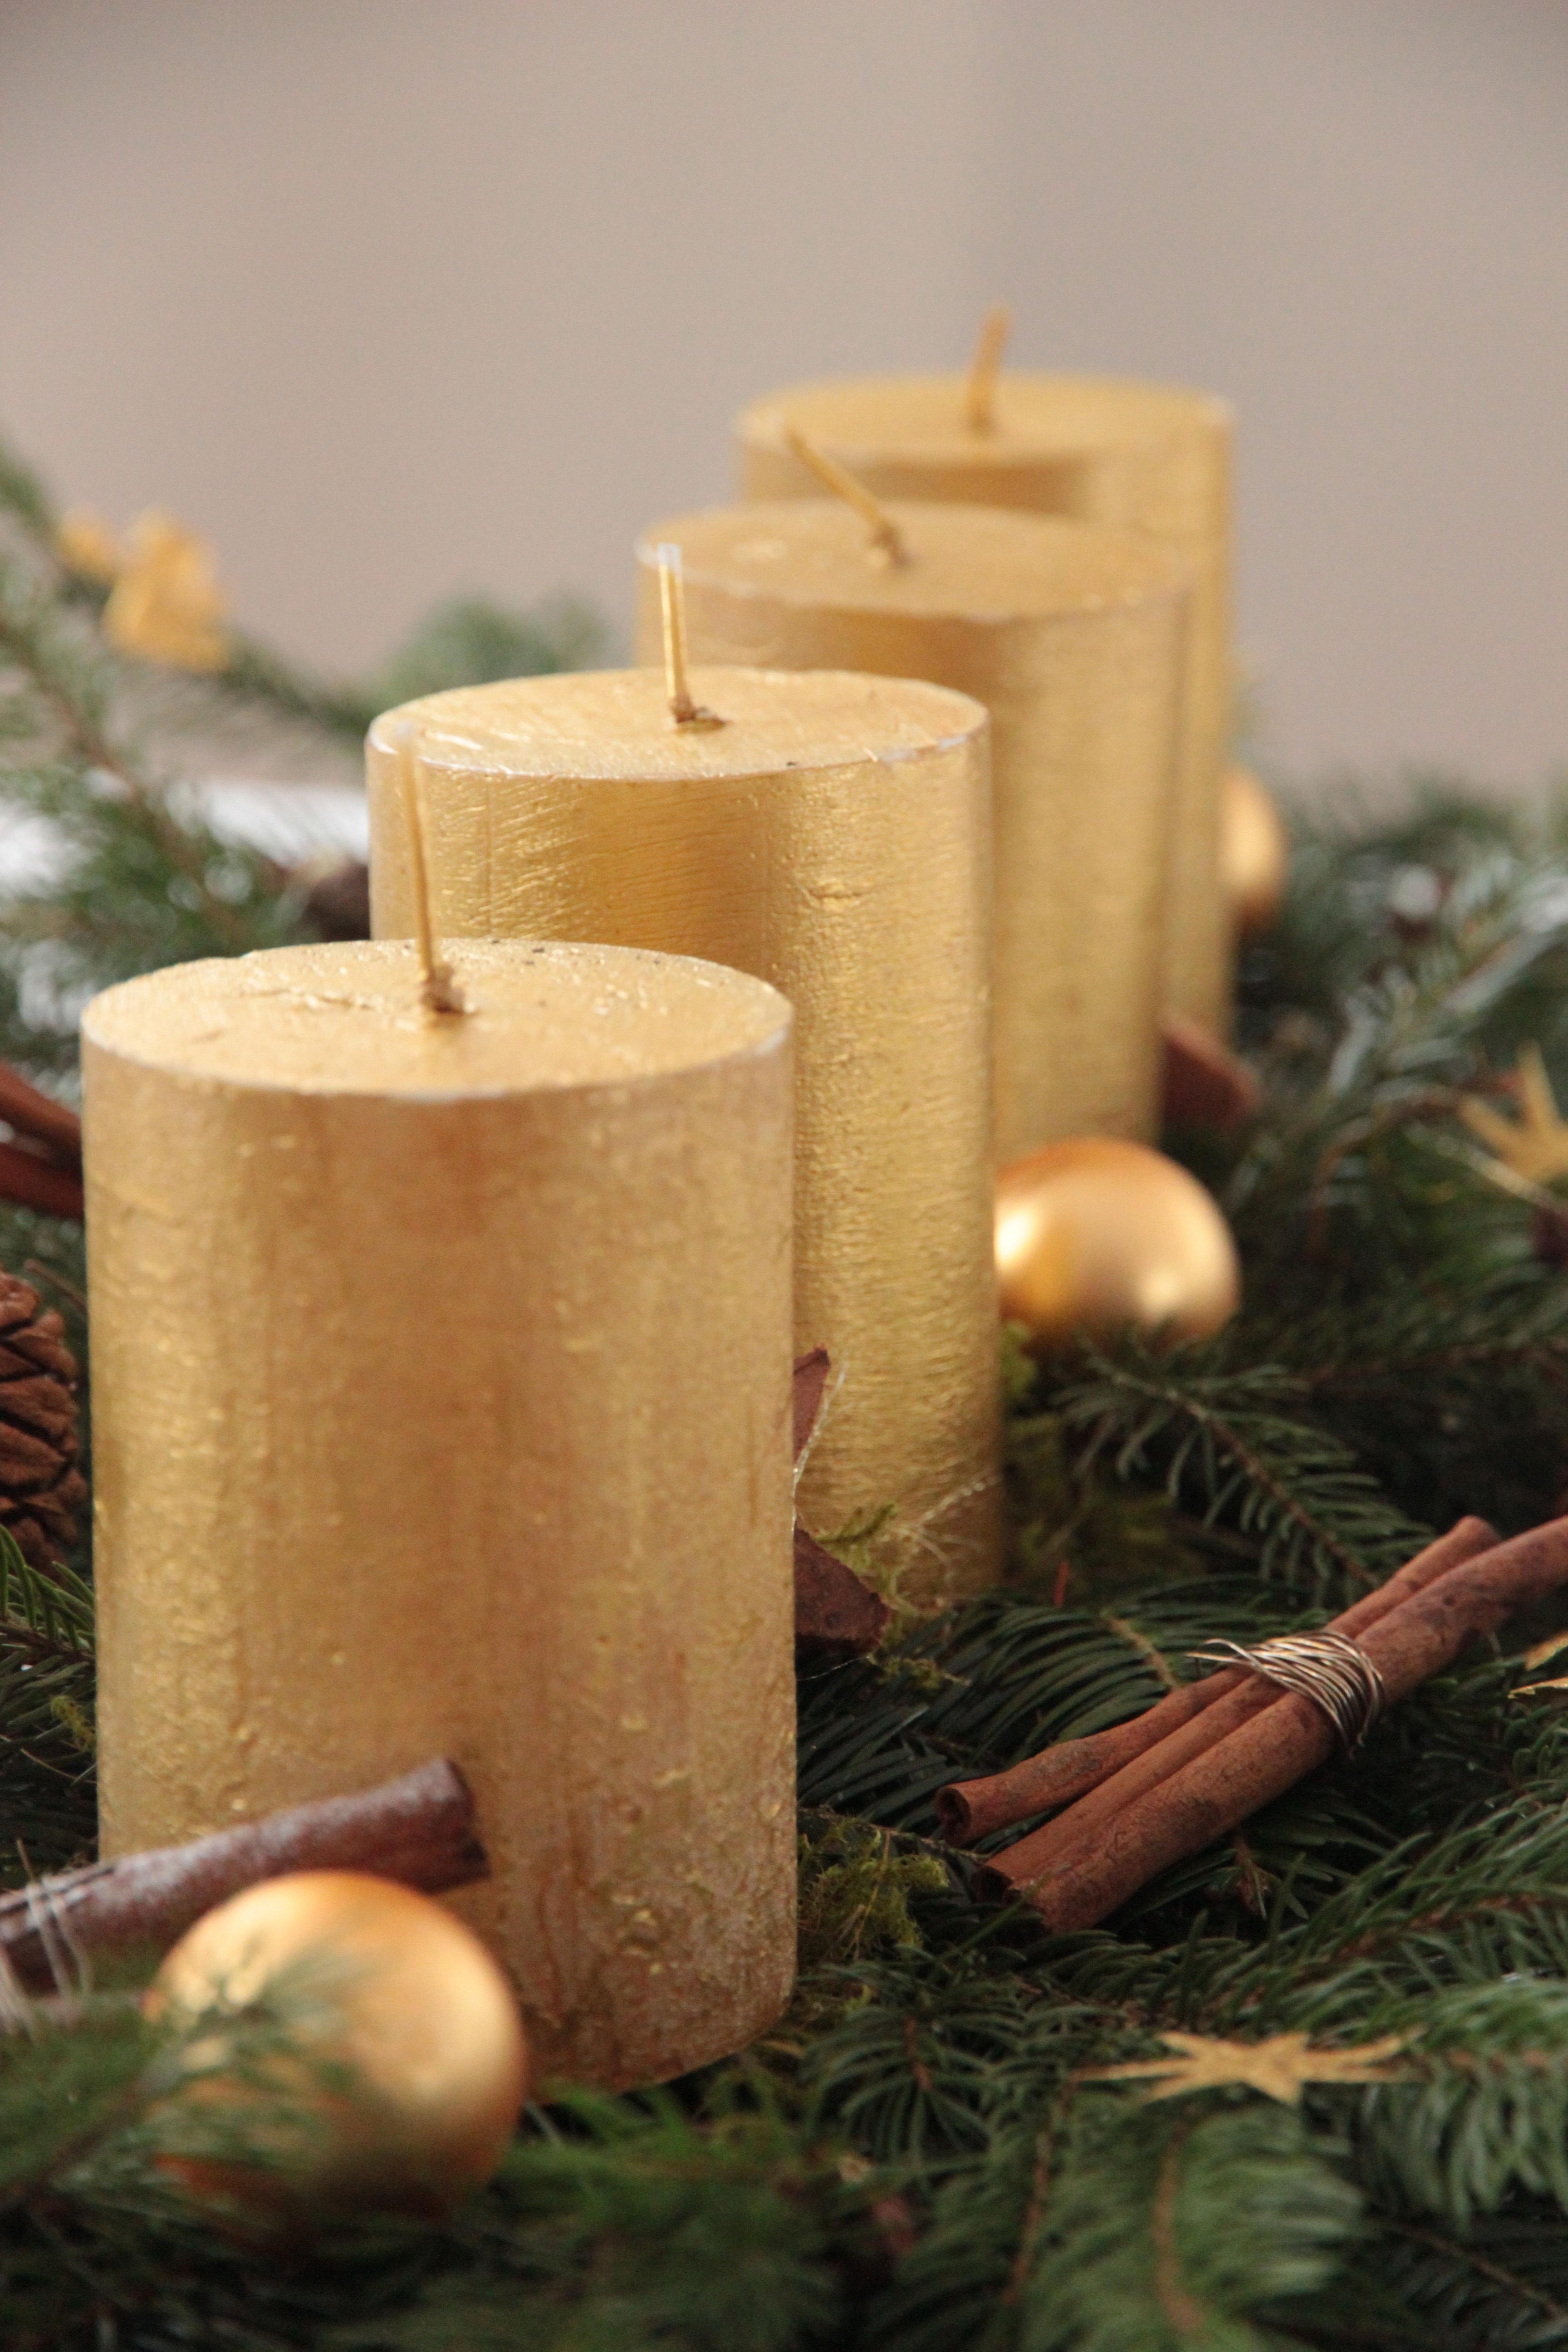 ligero madera vela navidad iluminacin decoracin arreglo adviento decoracin navidea tiempo de navidad oro corona de